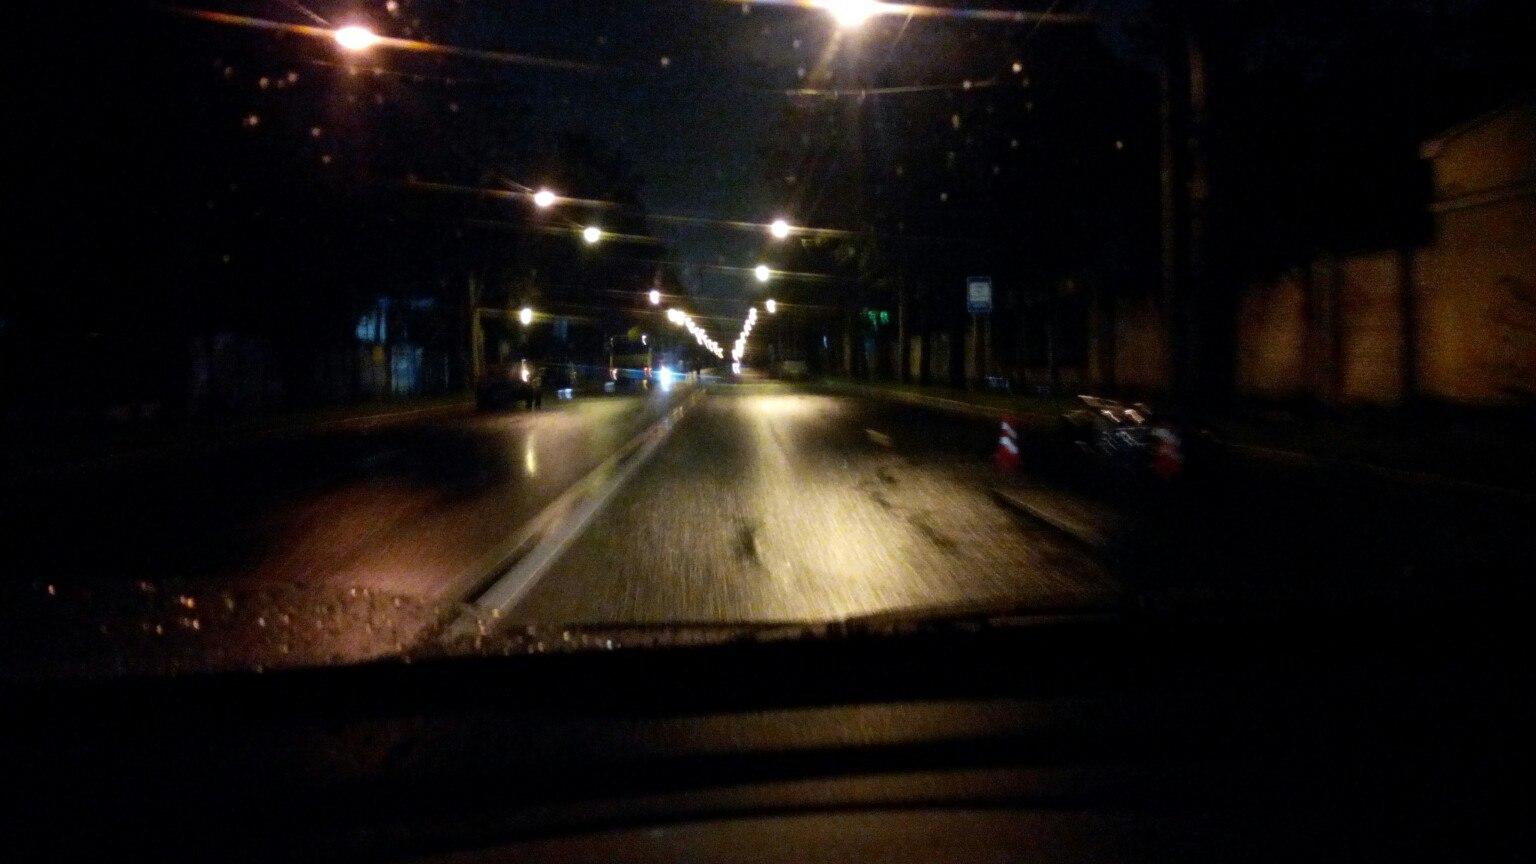 ВПетербурге ночью наПетровском проспекте насмерть разбился мотоциклист